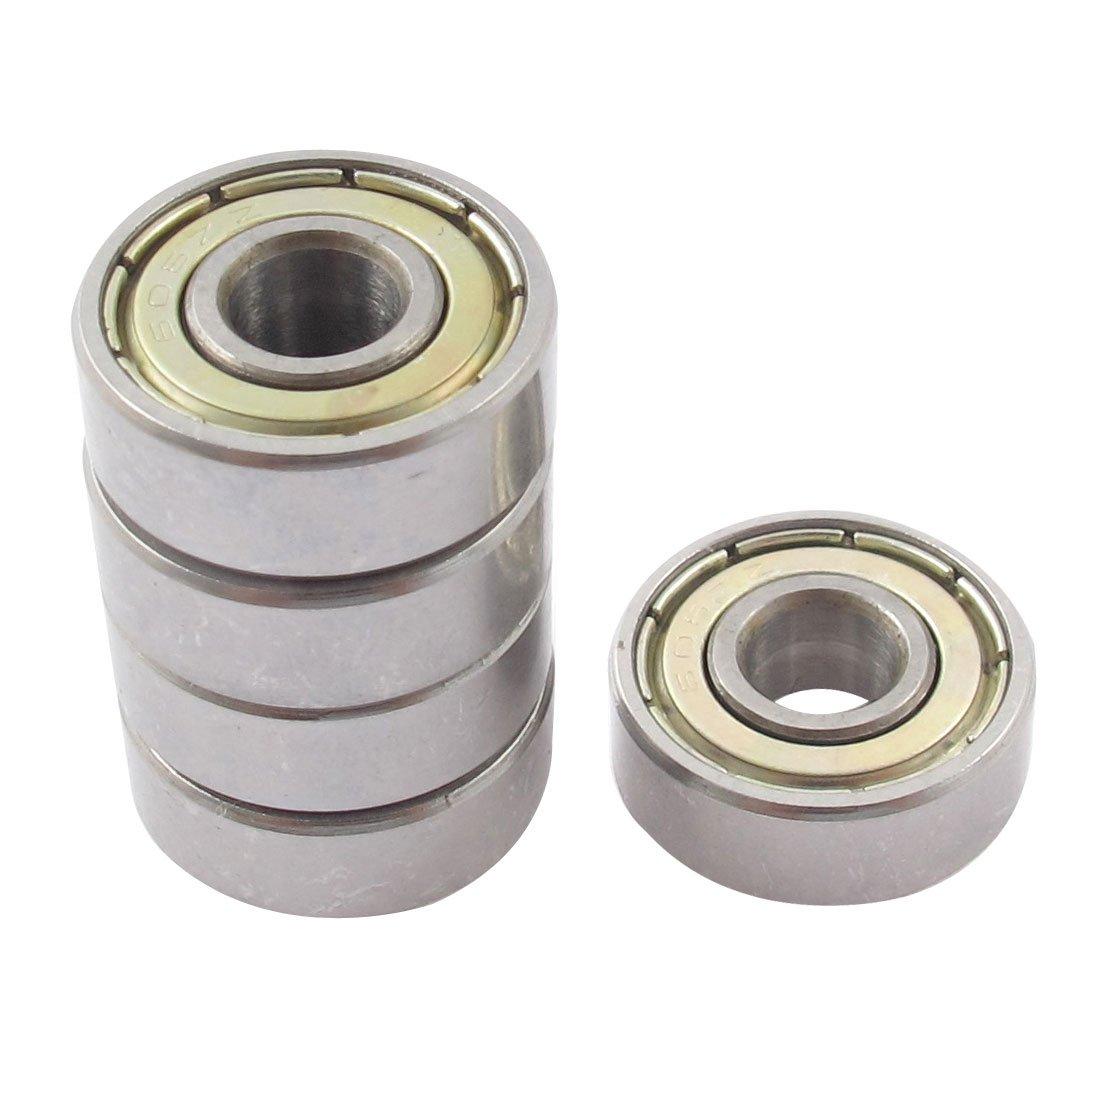 sourcingmap® 5pz 606ZZ metallo sigillato fila singolo cuscinetto sfere gola profonda 17mmx6mmx6mm sourcing map a15033100ux0185